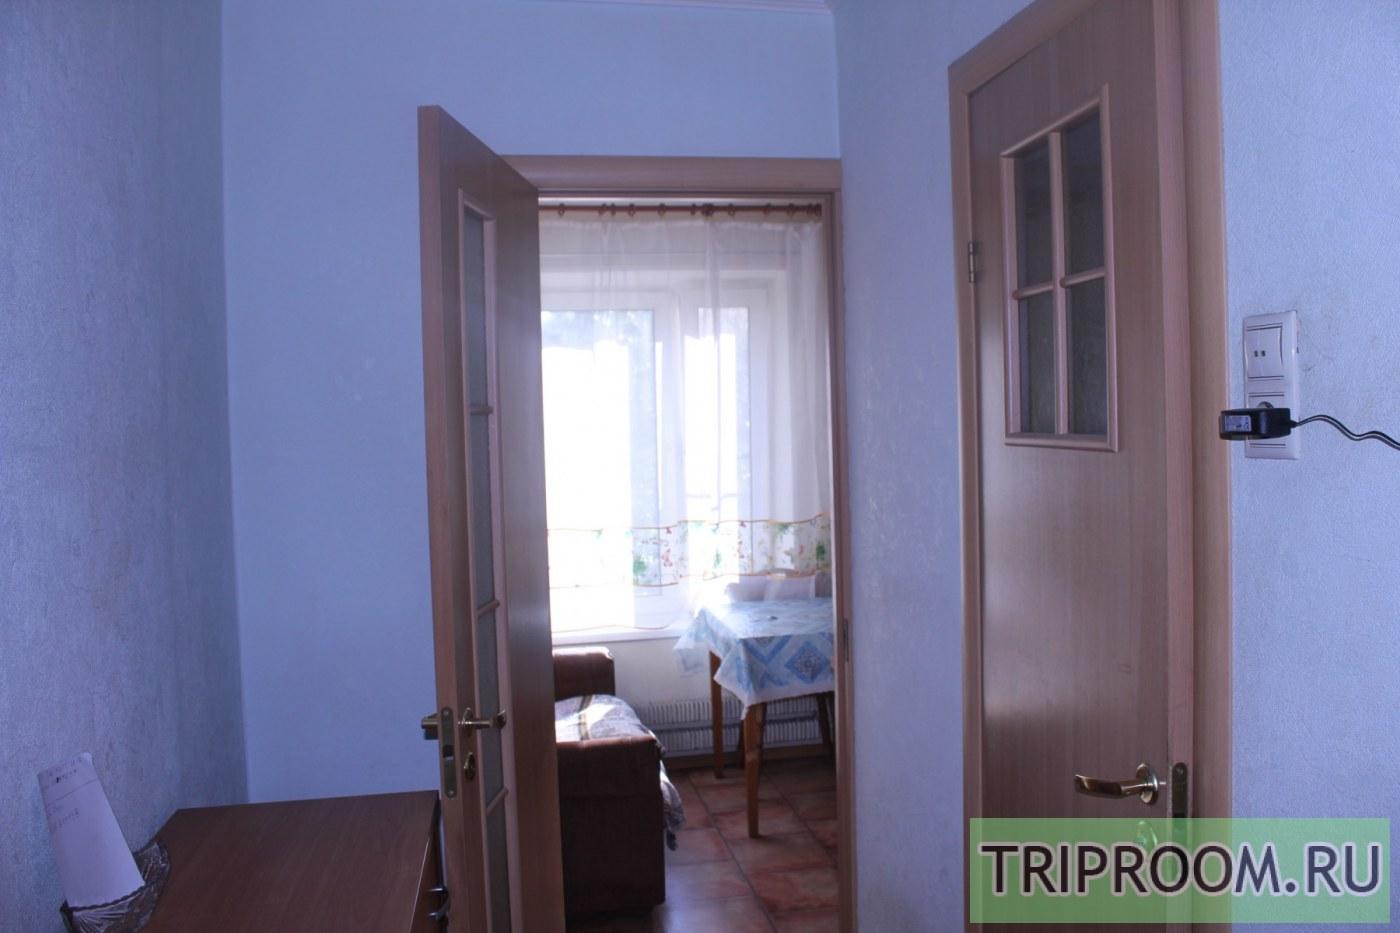 1-комнатная квартира посуточно (вариант № 40541), ул. Ореховый бульвар, фото № 14